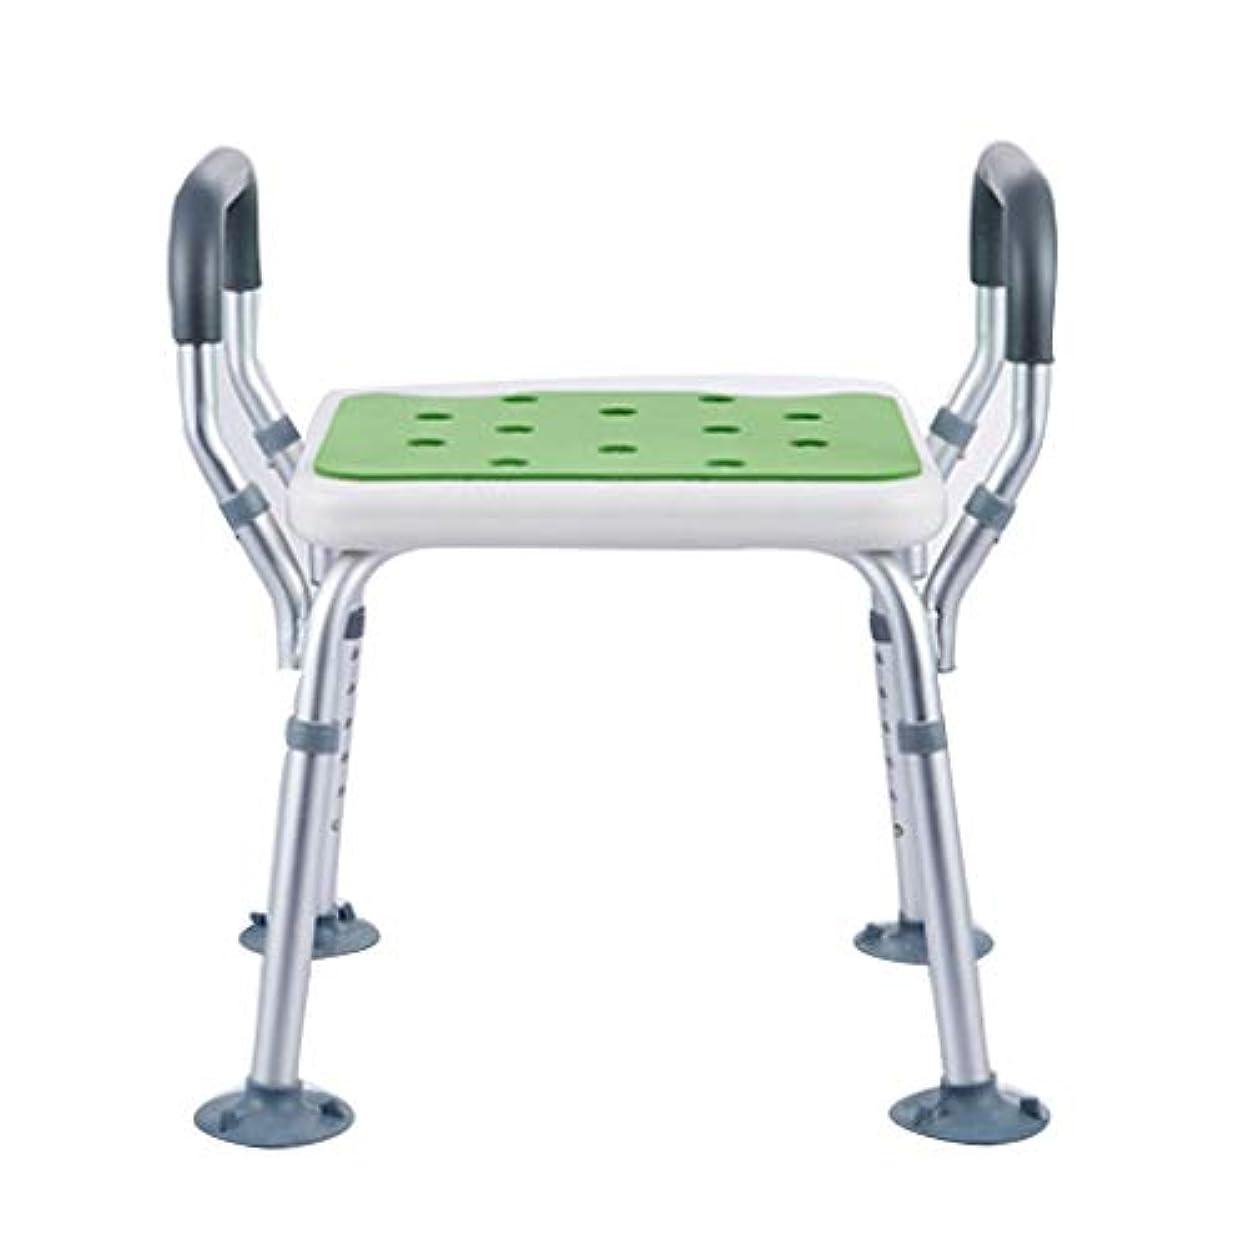 もしチケット肥沃なシャワーベンチ シャワーベンチ バス アル コンフォート アルミ合金 軽量コンパクト 取付簡単 丈夫 入浴補助用具 高齢者身体障害者妊婦に適しています、肘掛付 耐荷重約100kg